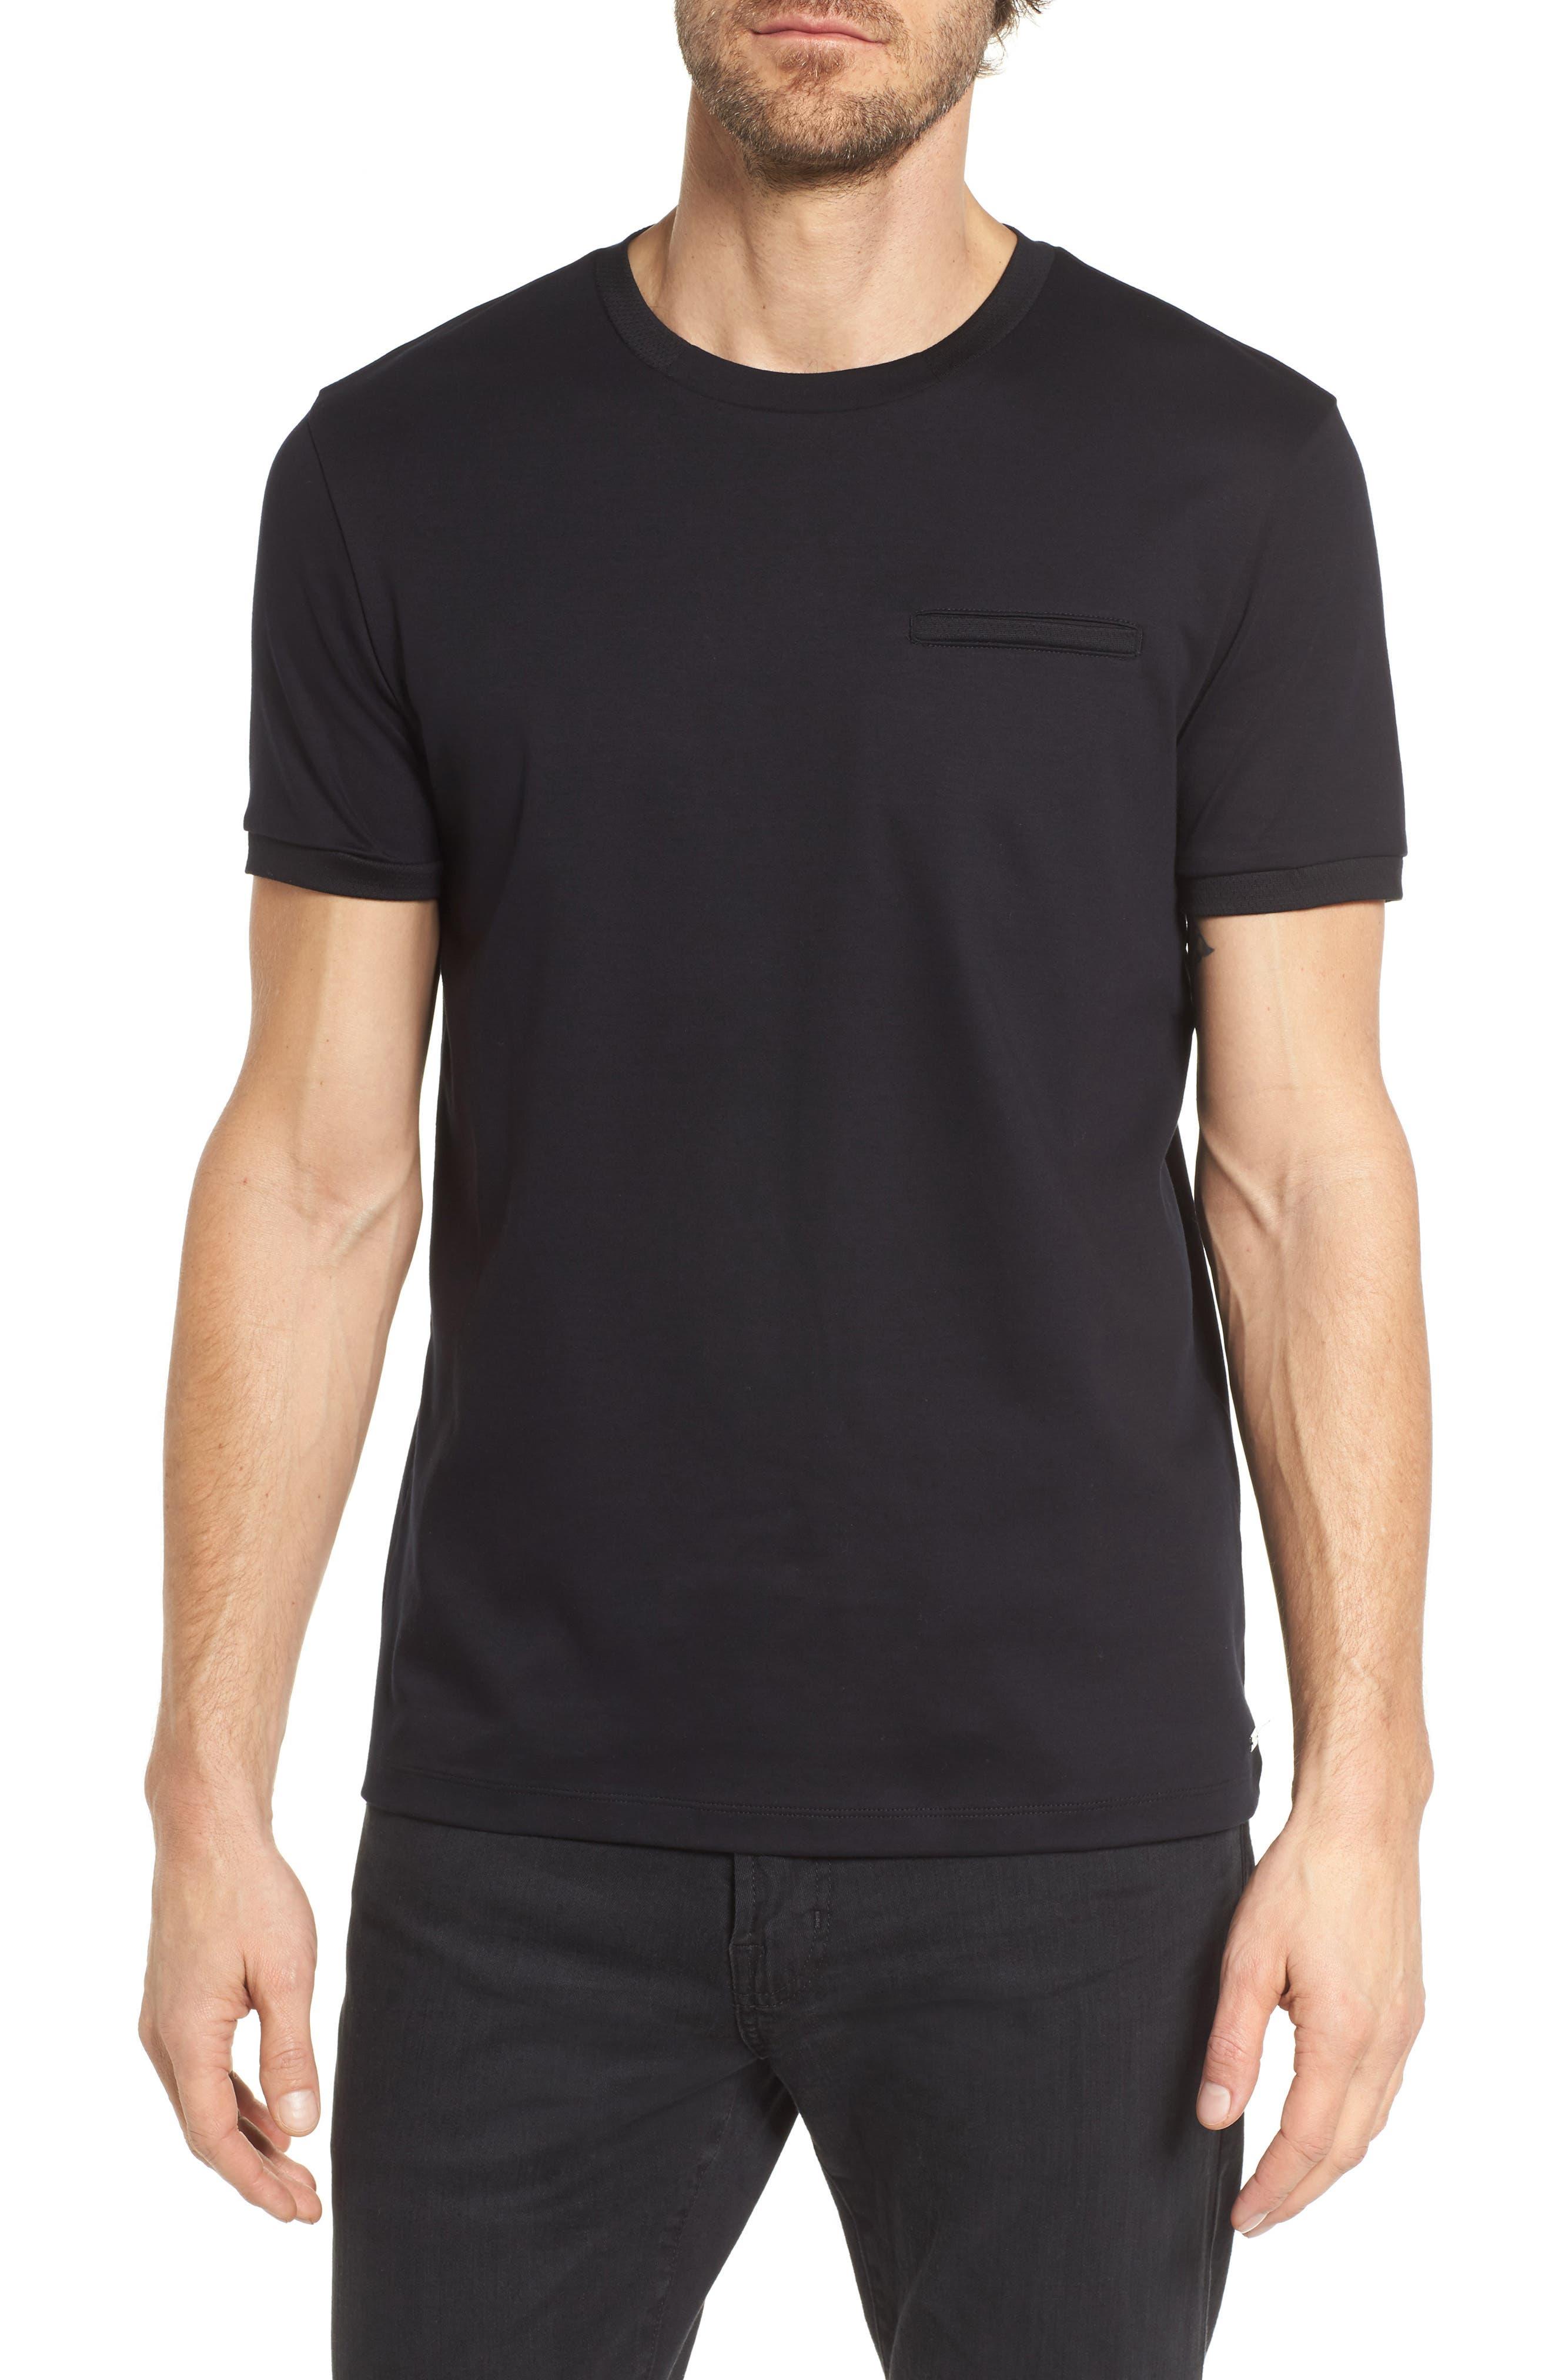 Tessler Mercedes Slim Fit Crewneck T-Shirt,                         Main,                         color, Black